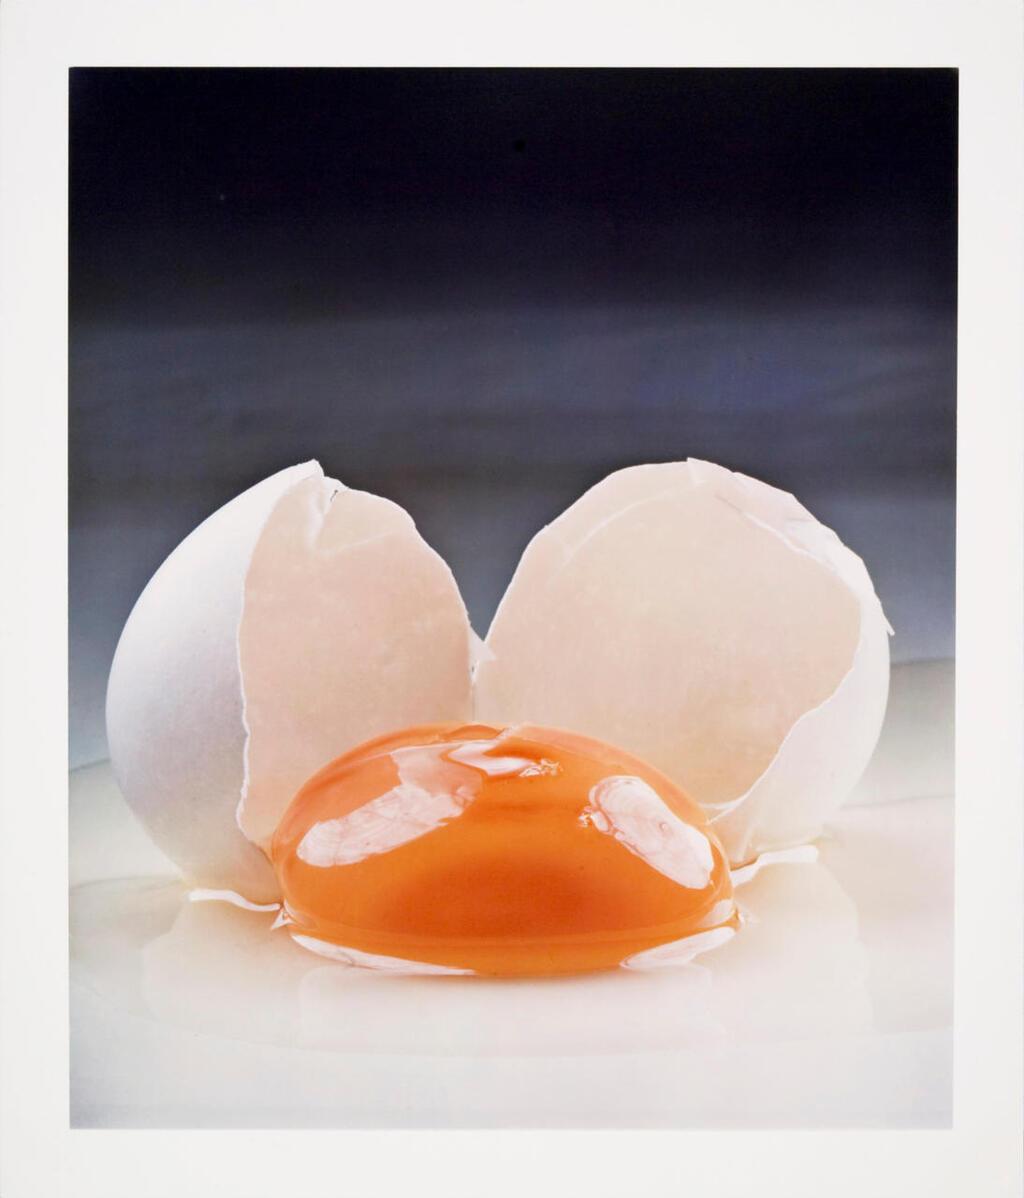 פנאי אירווינג פן. ביצה שבורה